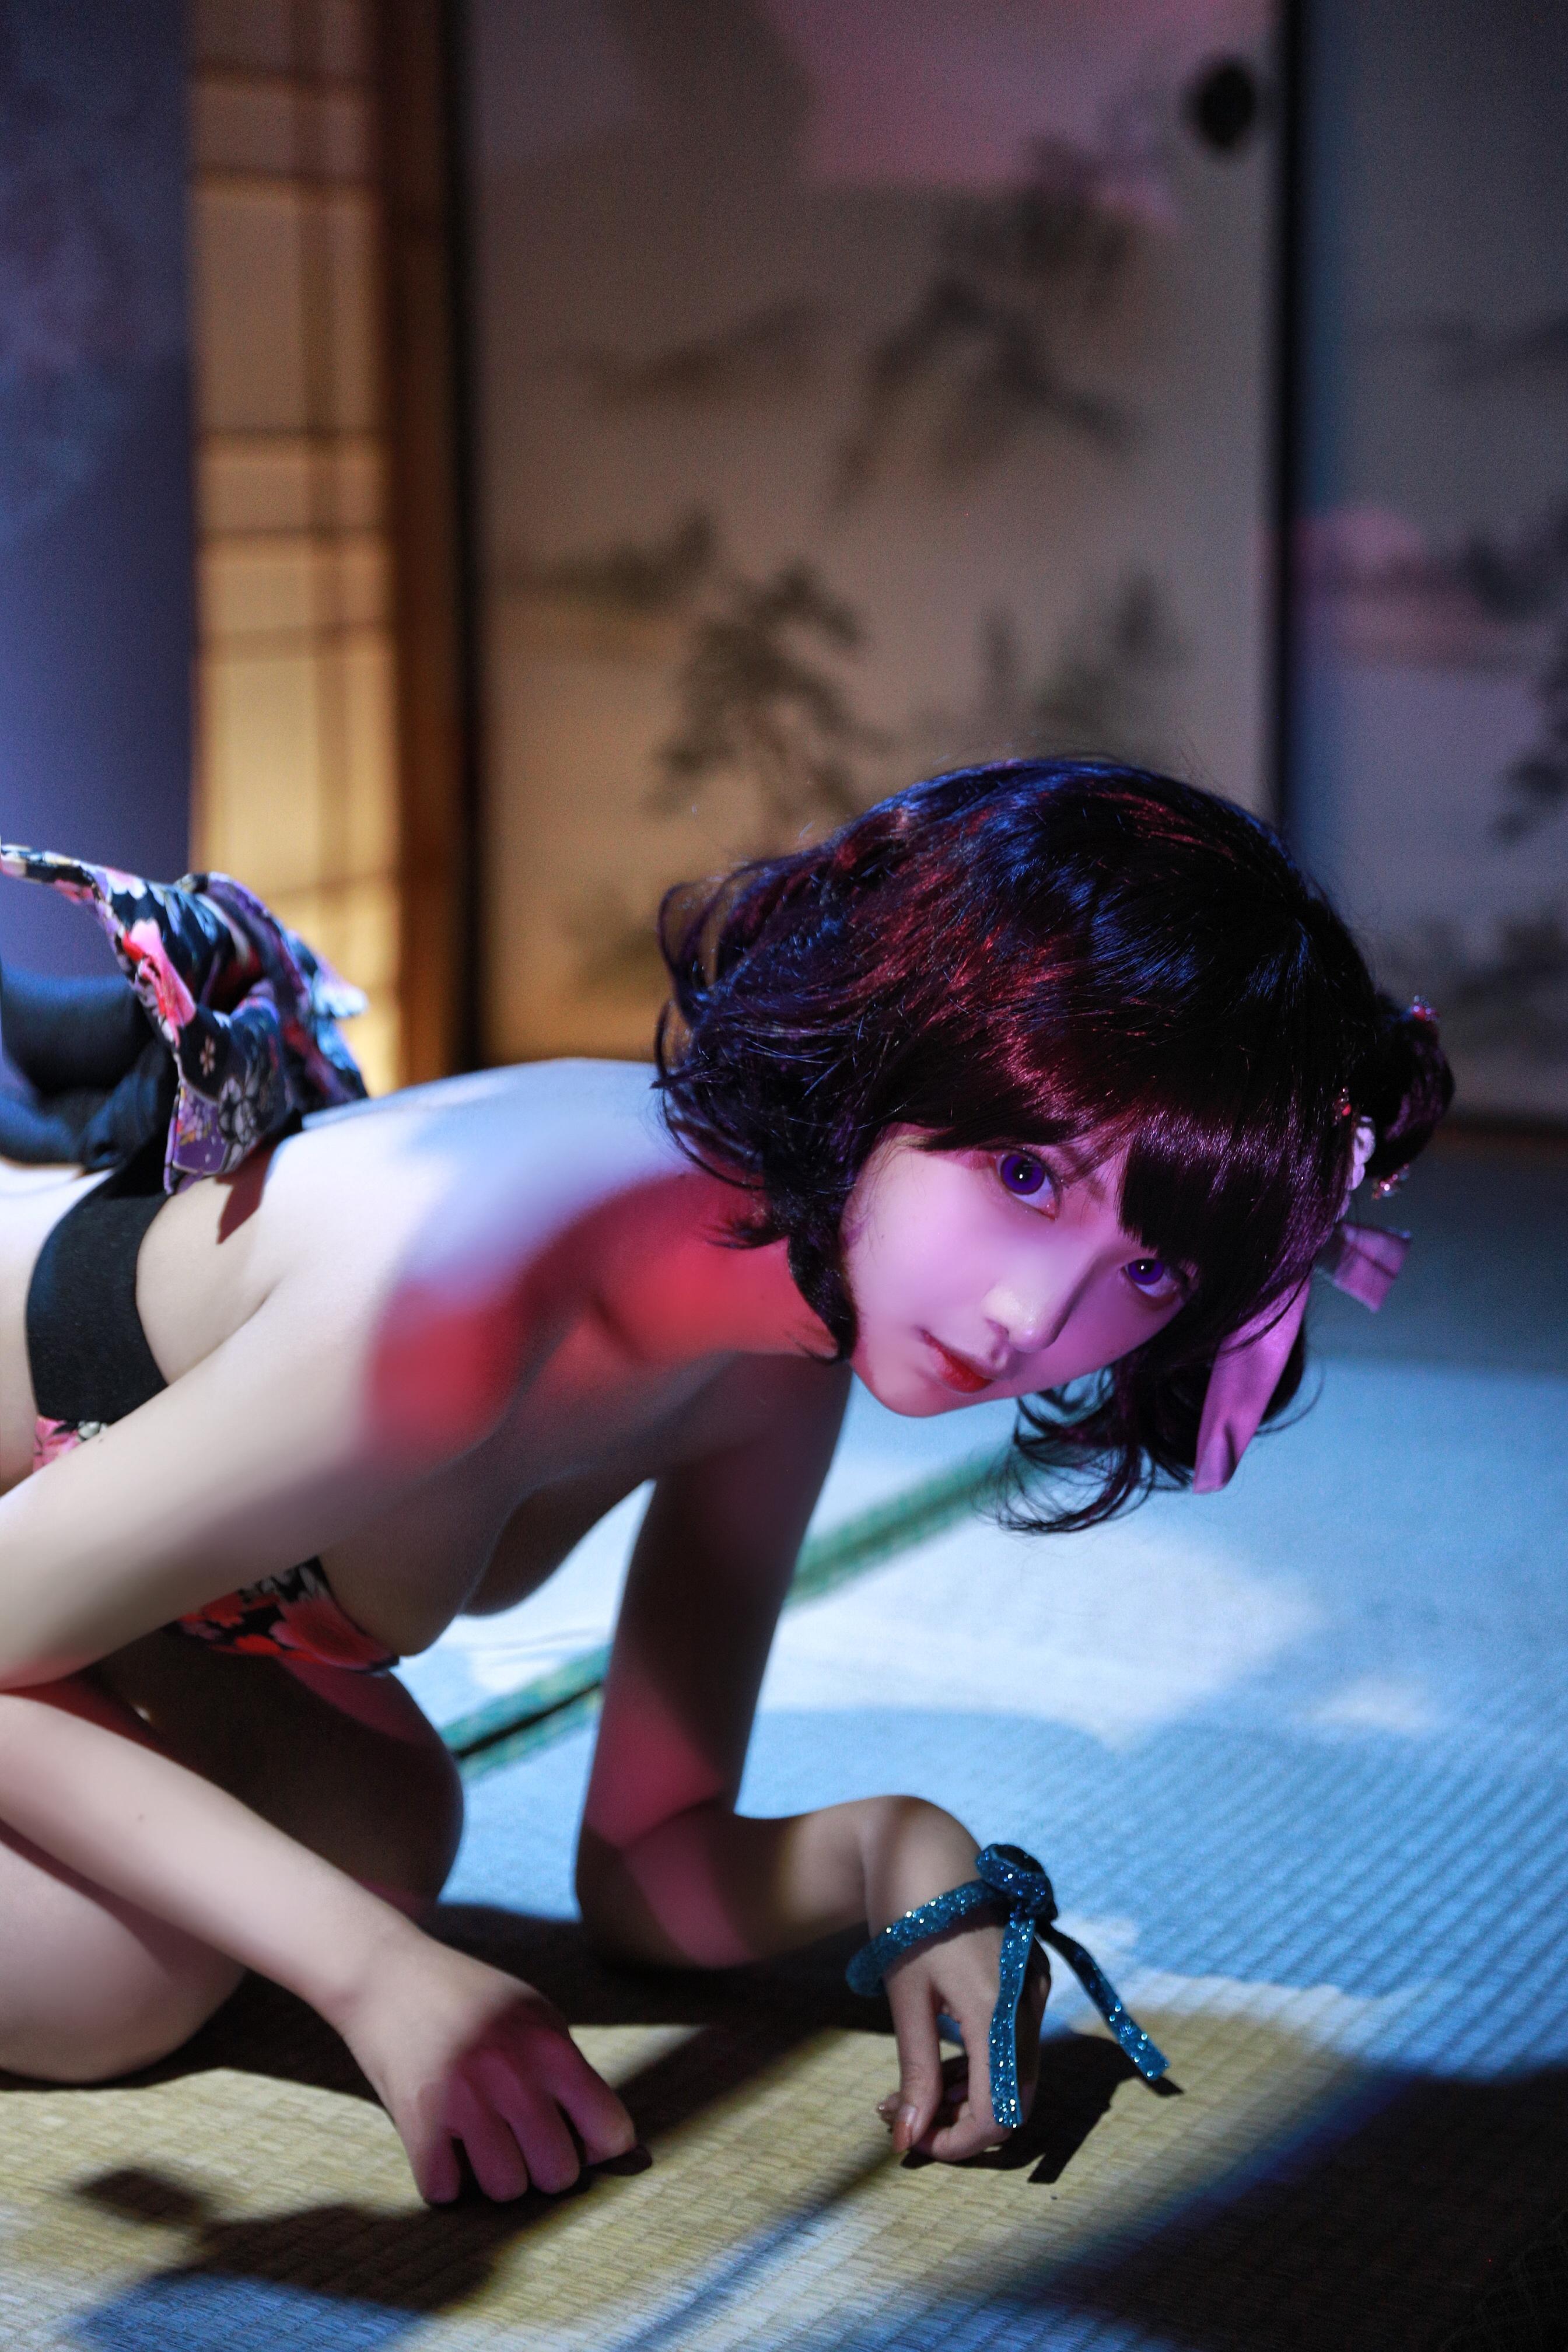 Shika小鹿鹿北斋泳装写真,俏皮性感集于一身